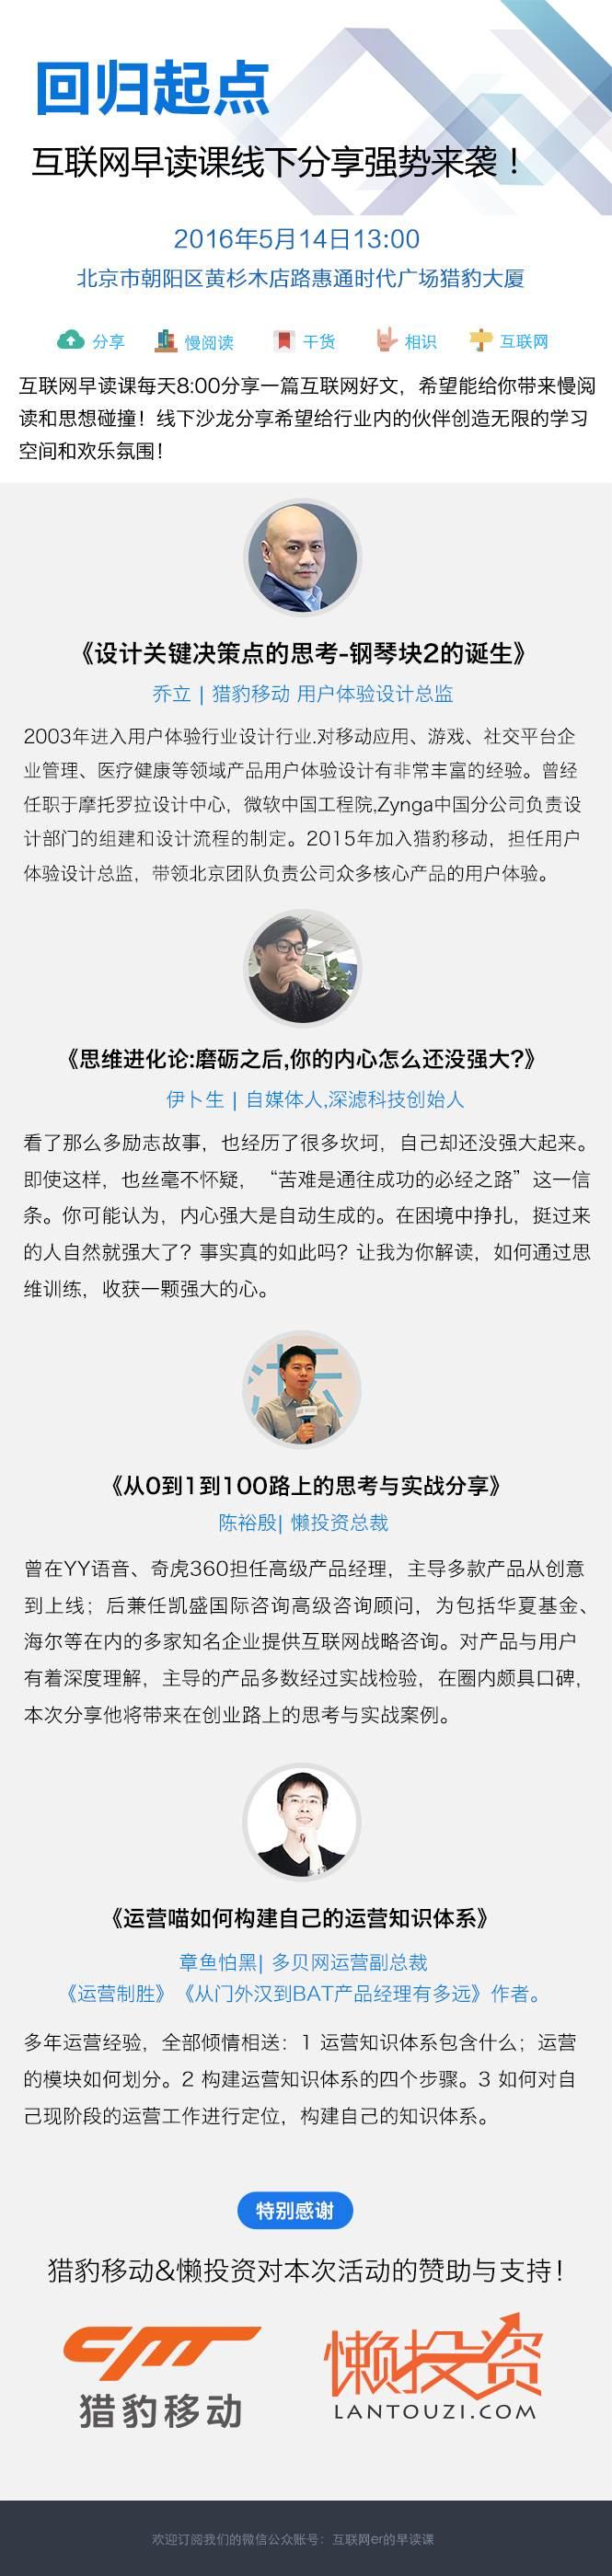 邀请函-北京适配网站.jpg